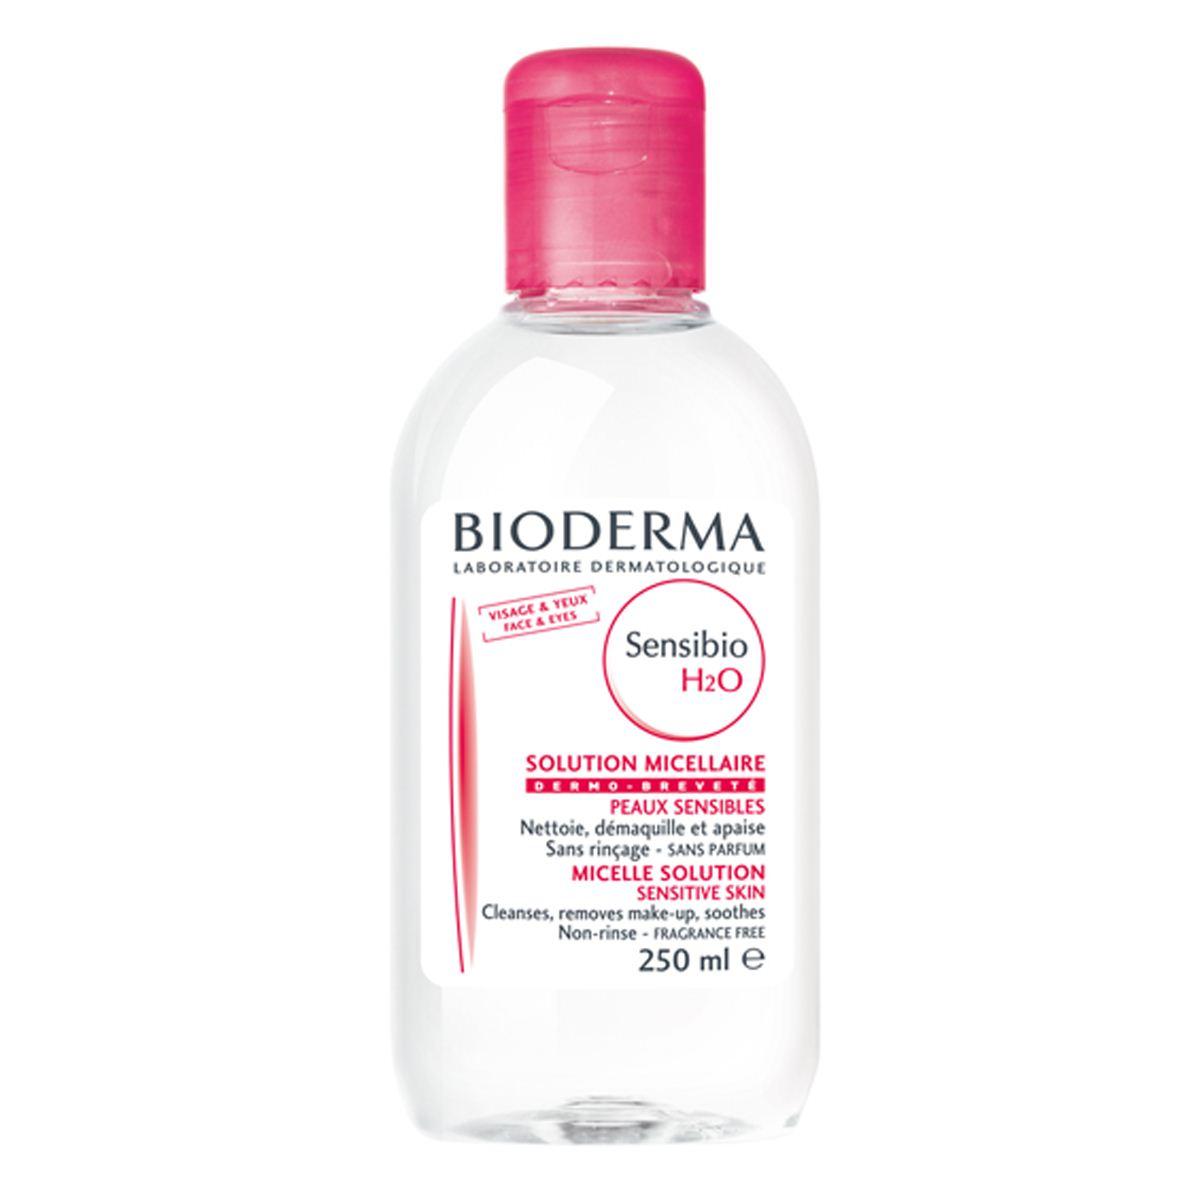 Bioderma Sensibio H2O micelární voda 250 ml